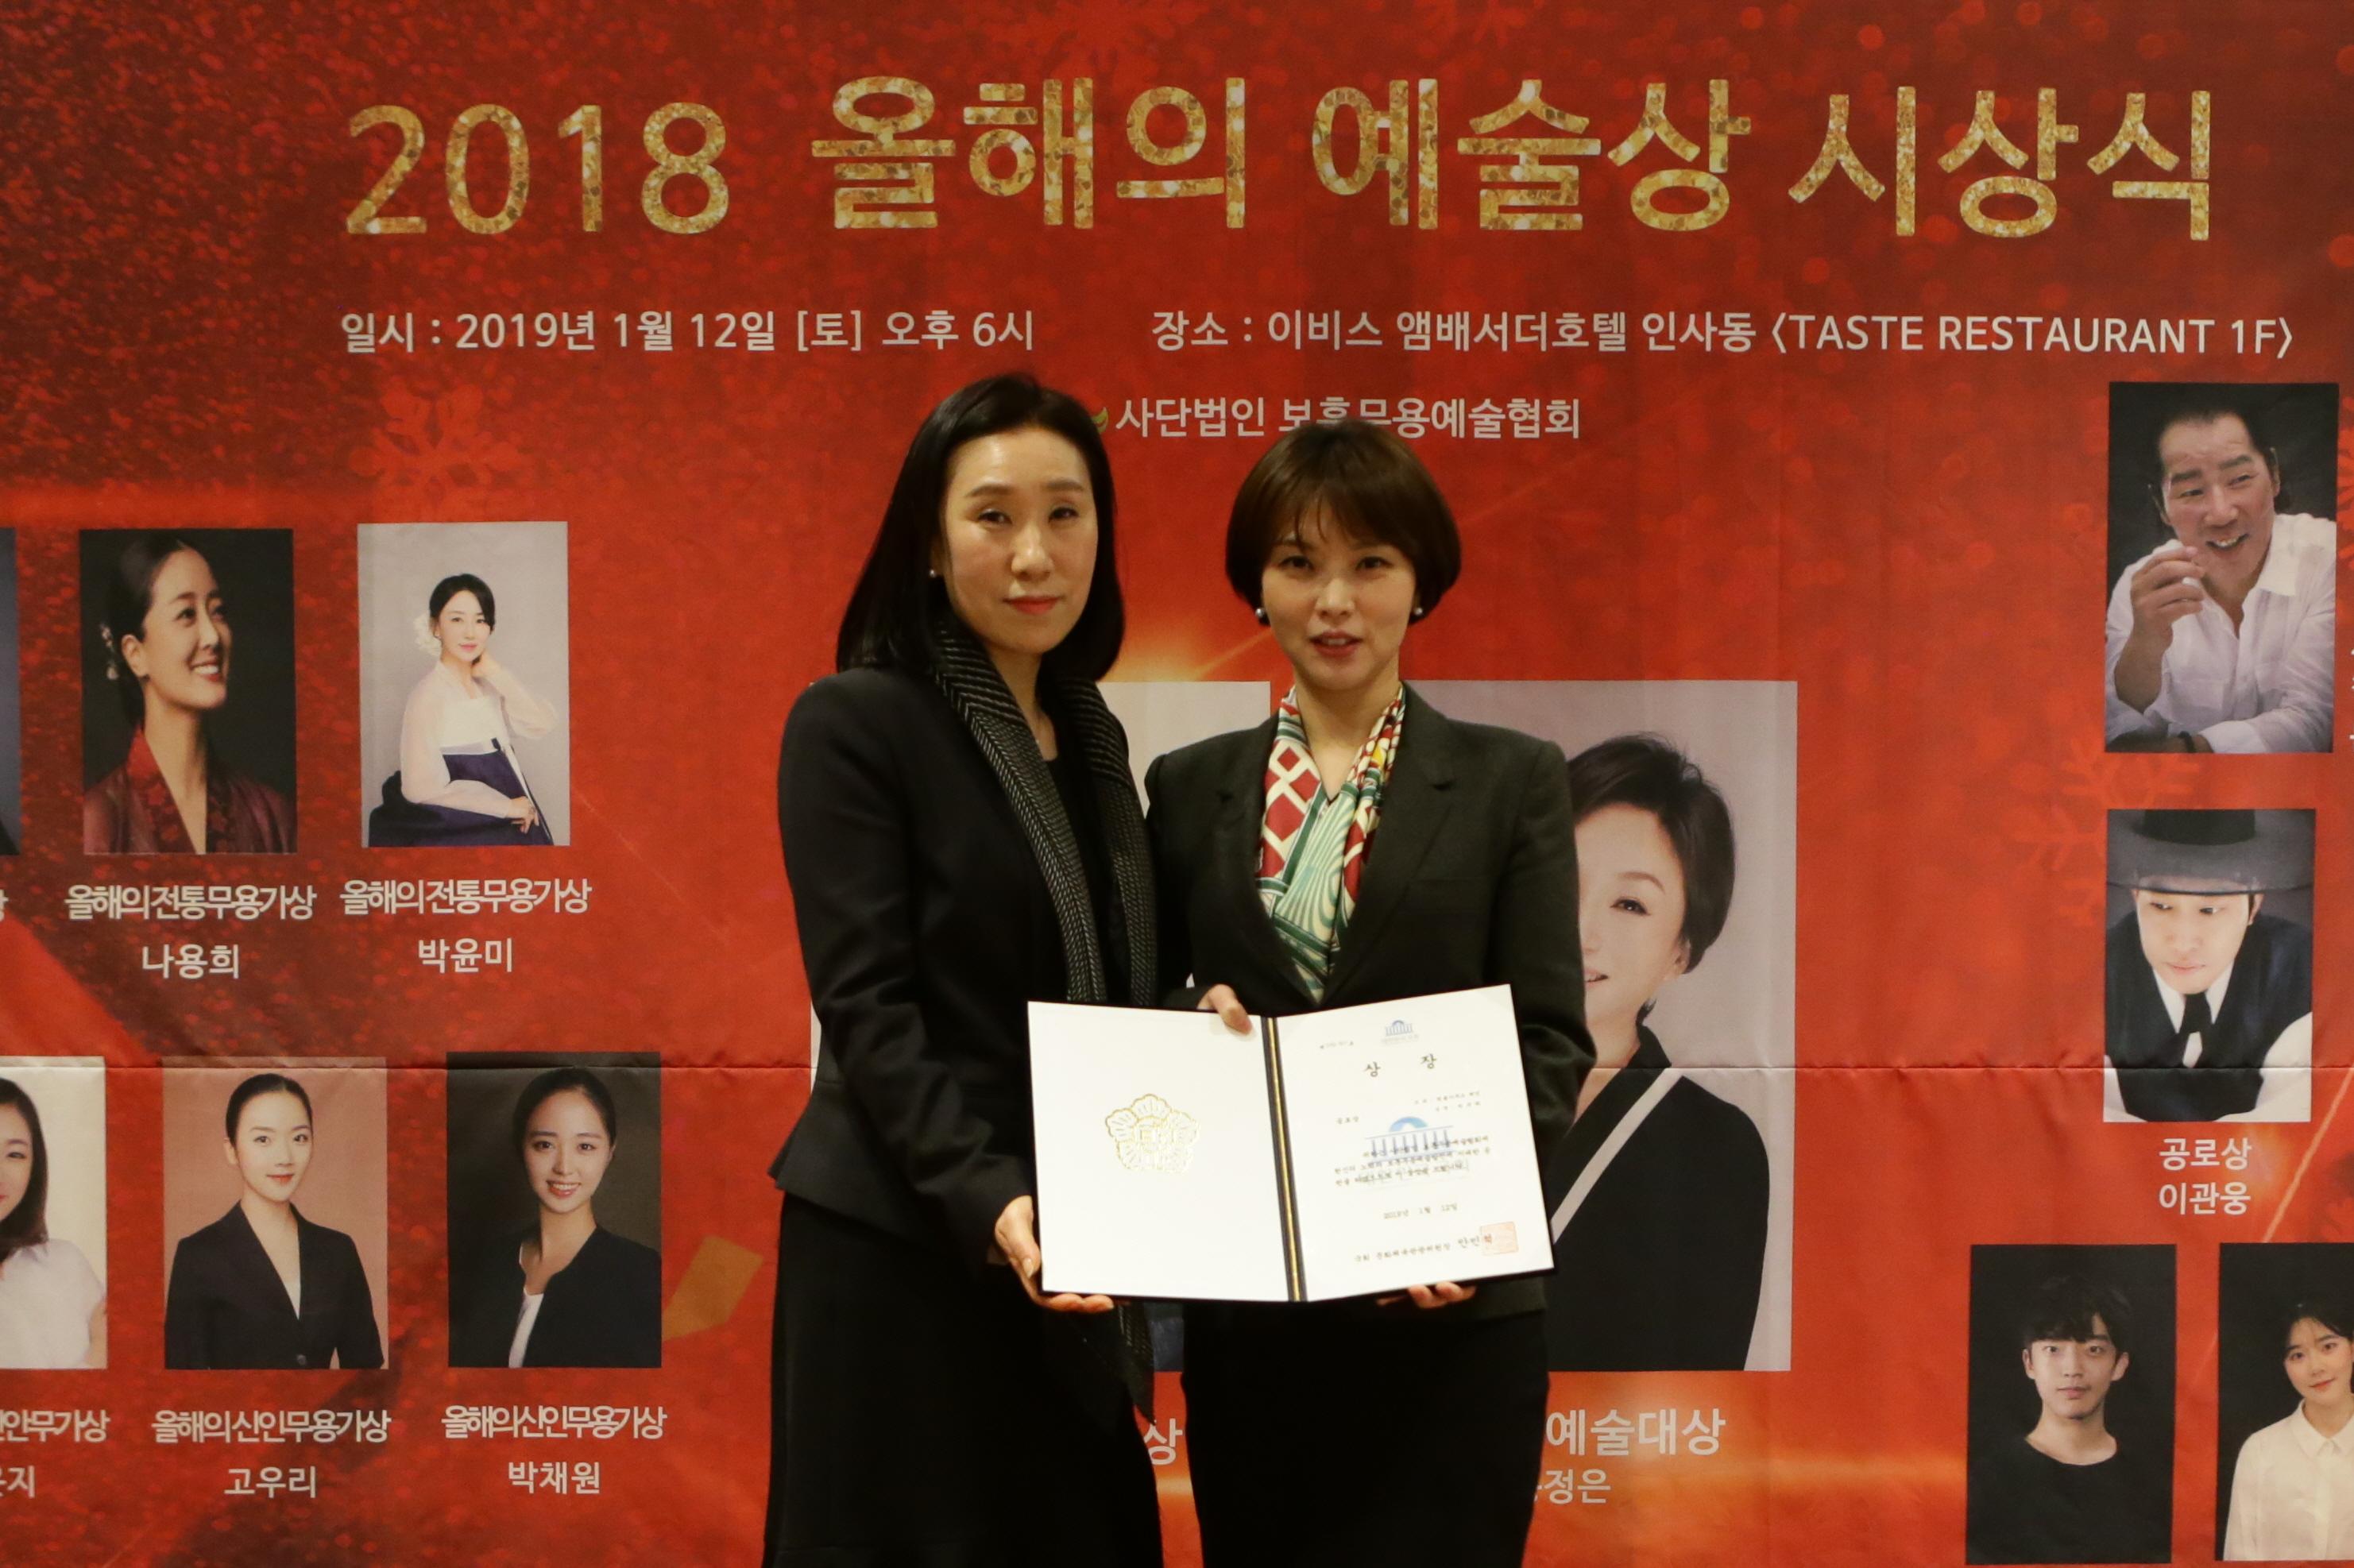 2018올해의 예술상 시상식 (59).JPG